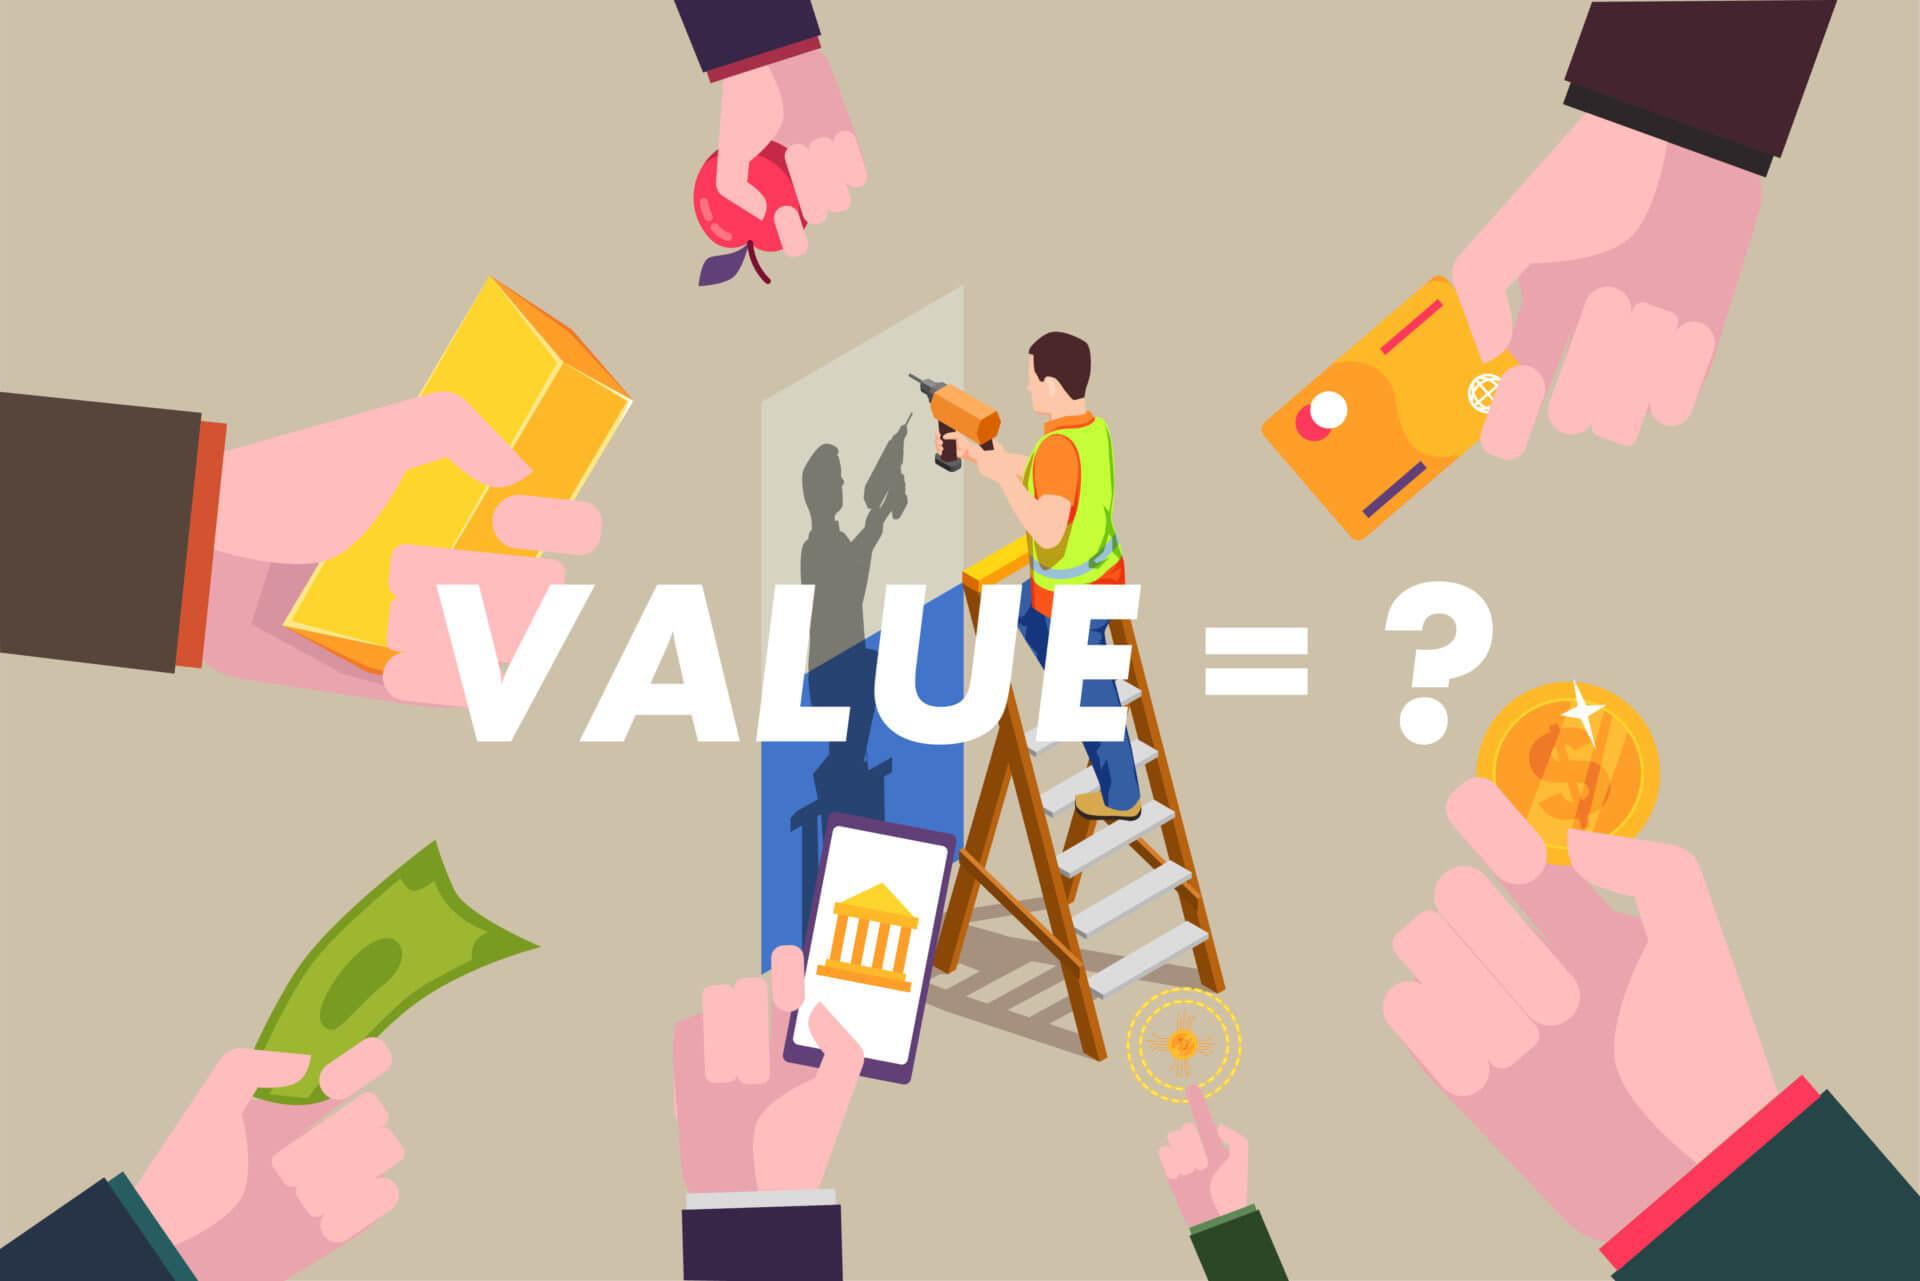 価値とはなんだろう?スパイスファクトリーで働く中で考えた経済的な営みと労働について